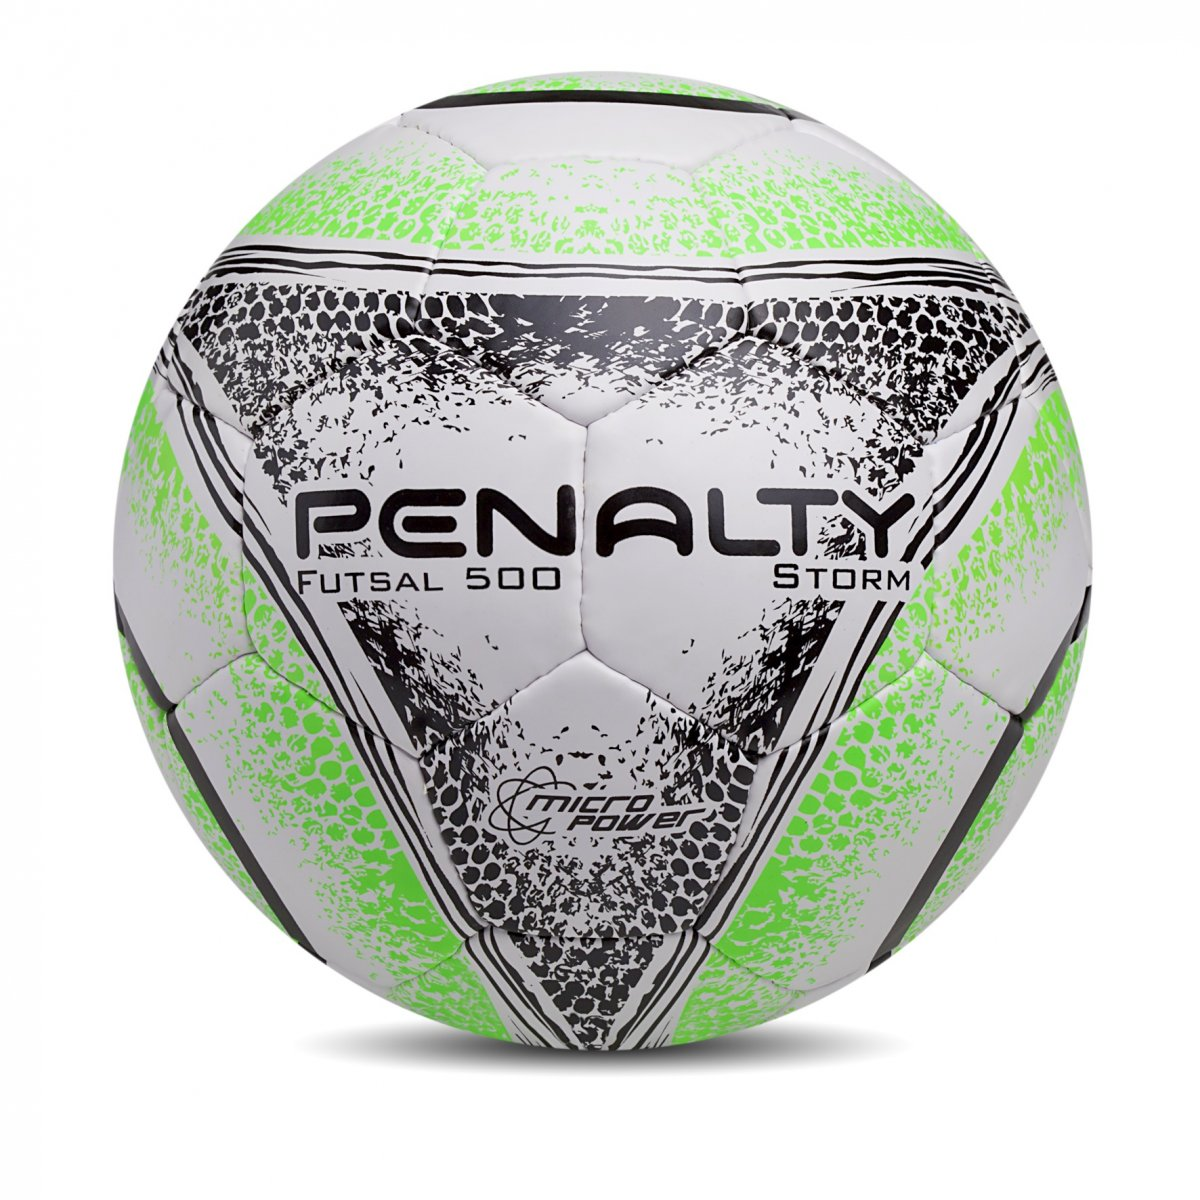 Bola de Futsal Penalty Storm 500 C C Viii  e8e5968b2647c